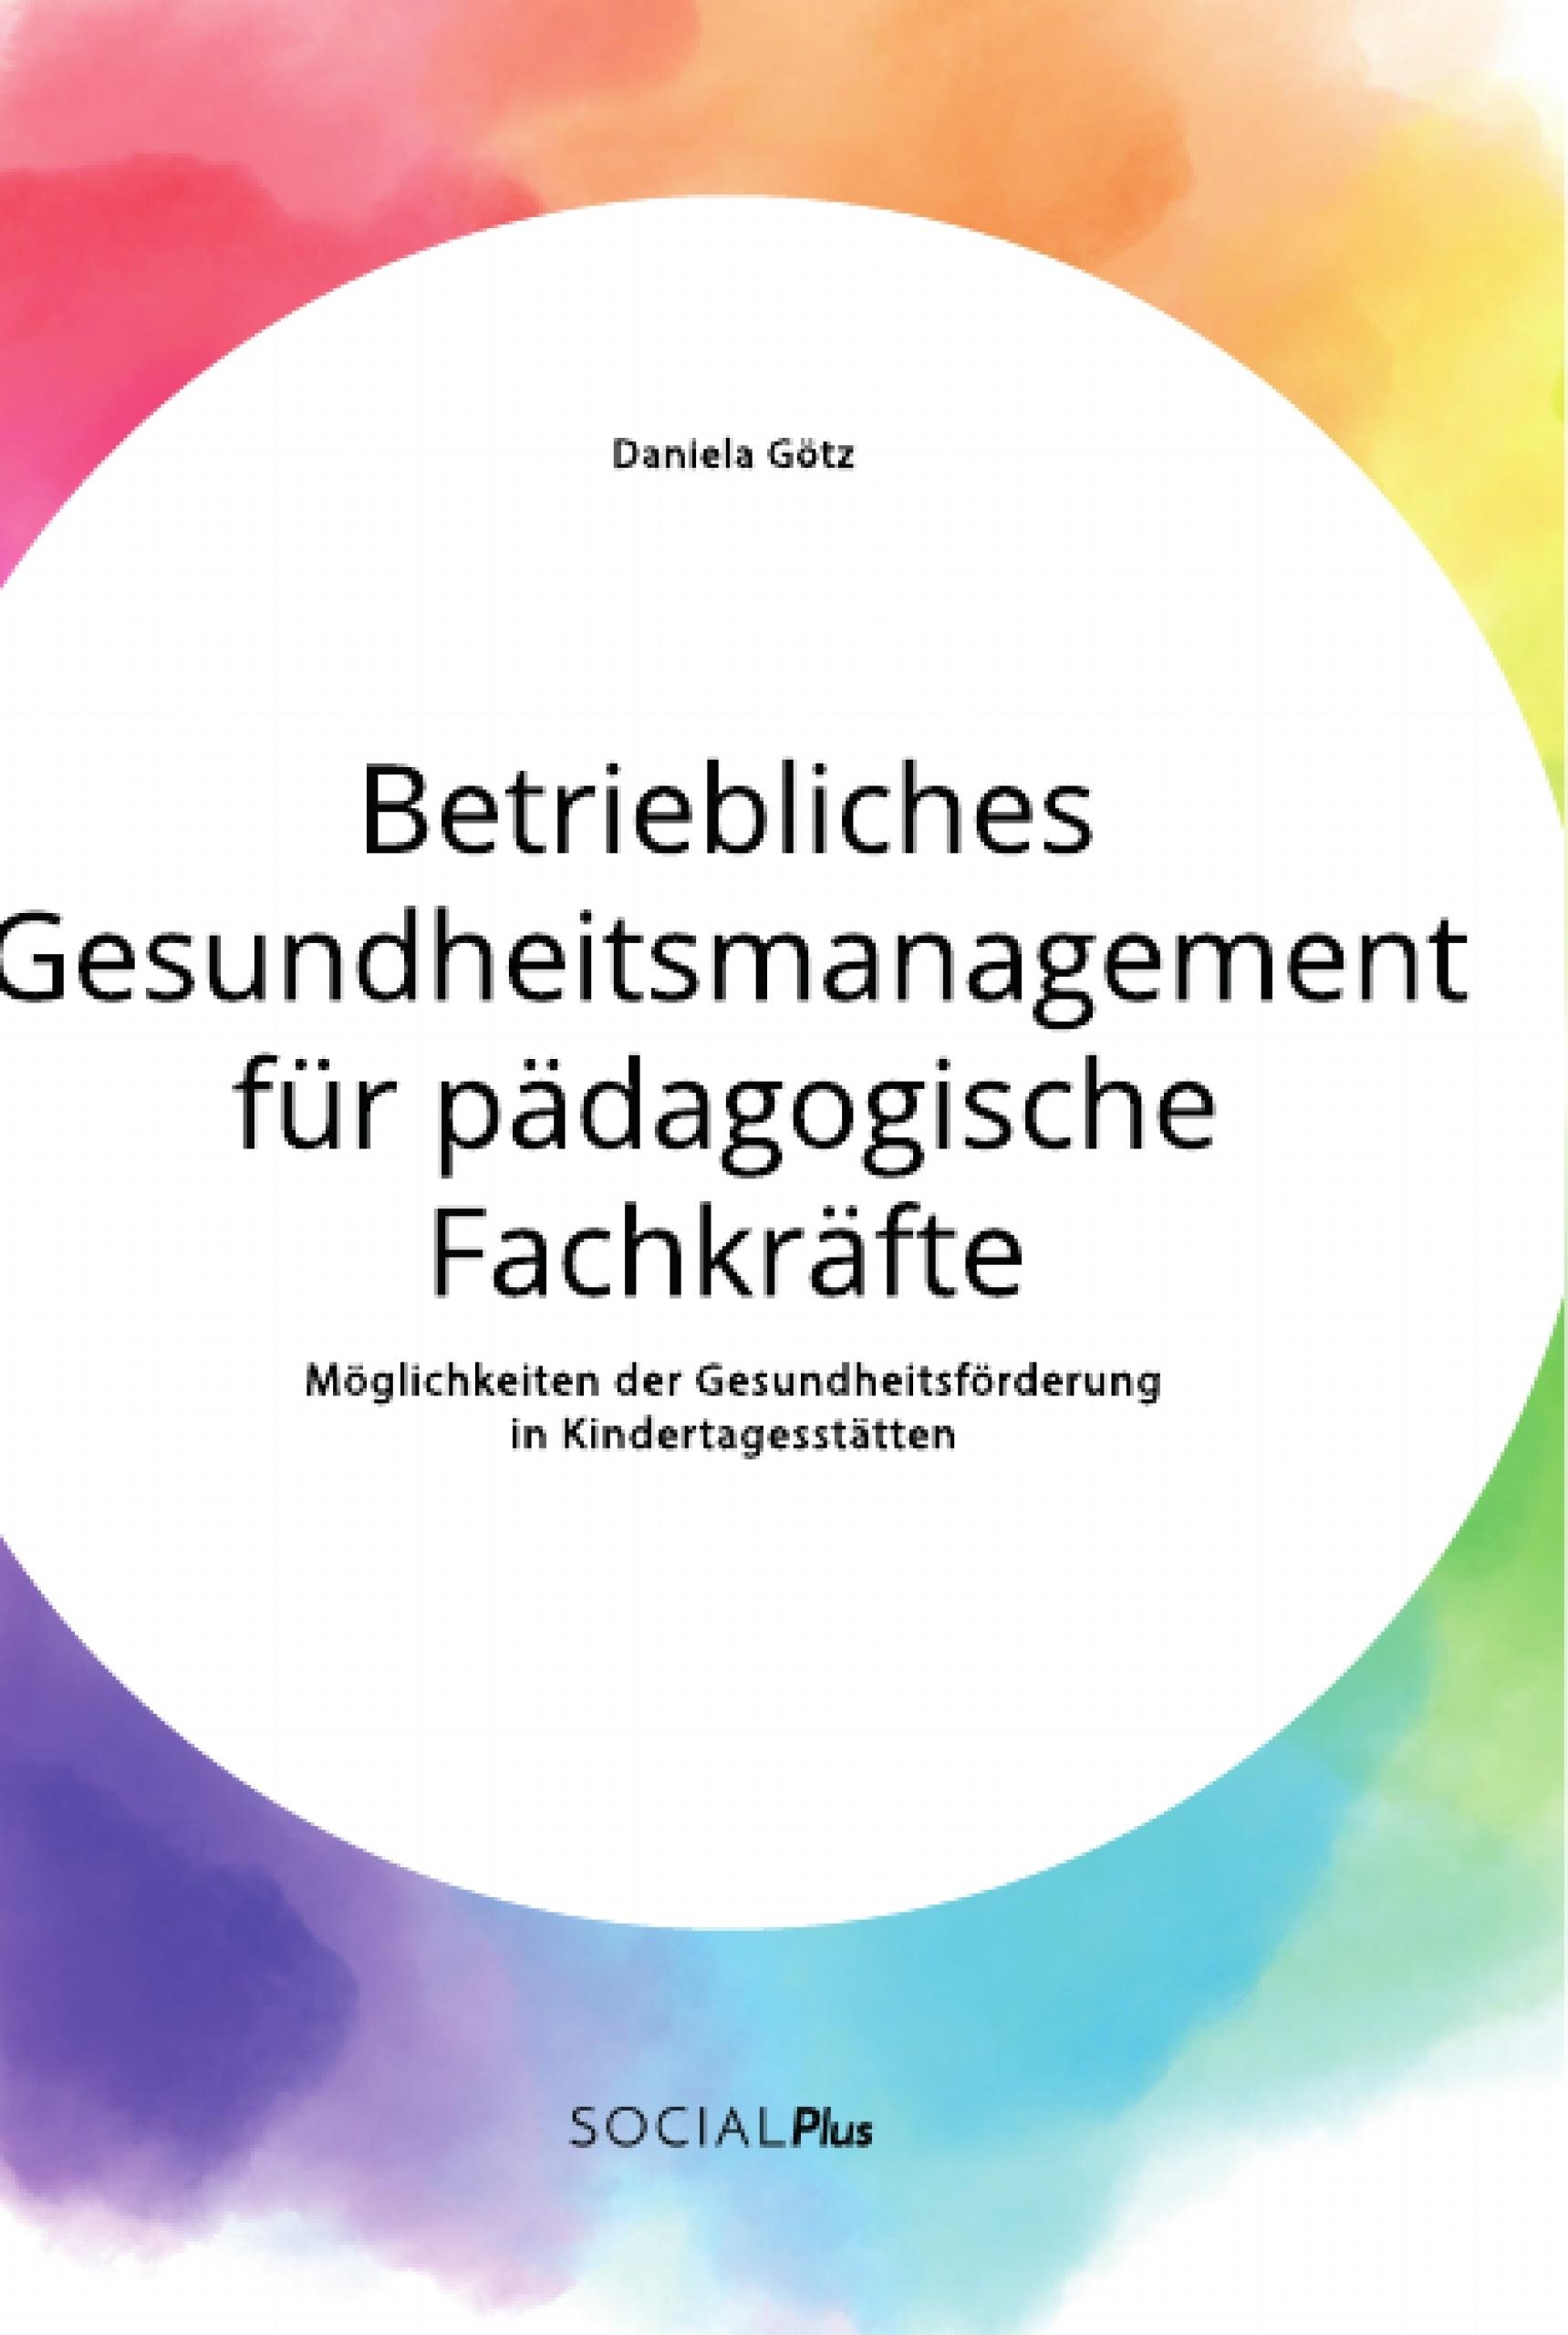 Titel: Betriebliches Gesundheitsmanagement für pädagogische Fachkräfte. Möglichkeiten der Gesundheitsförderung in Kindertagesstätten